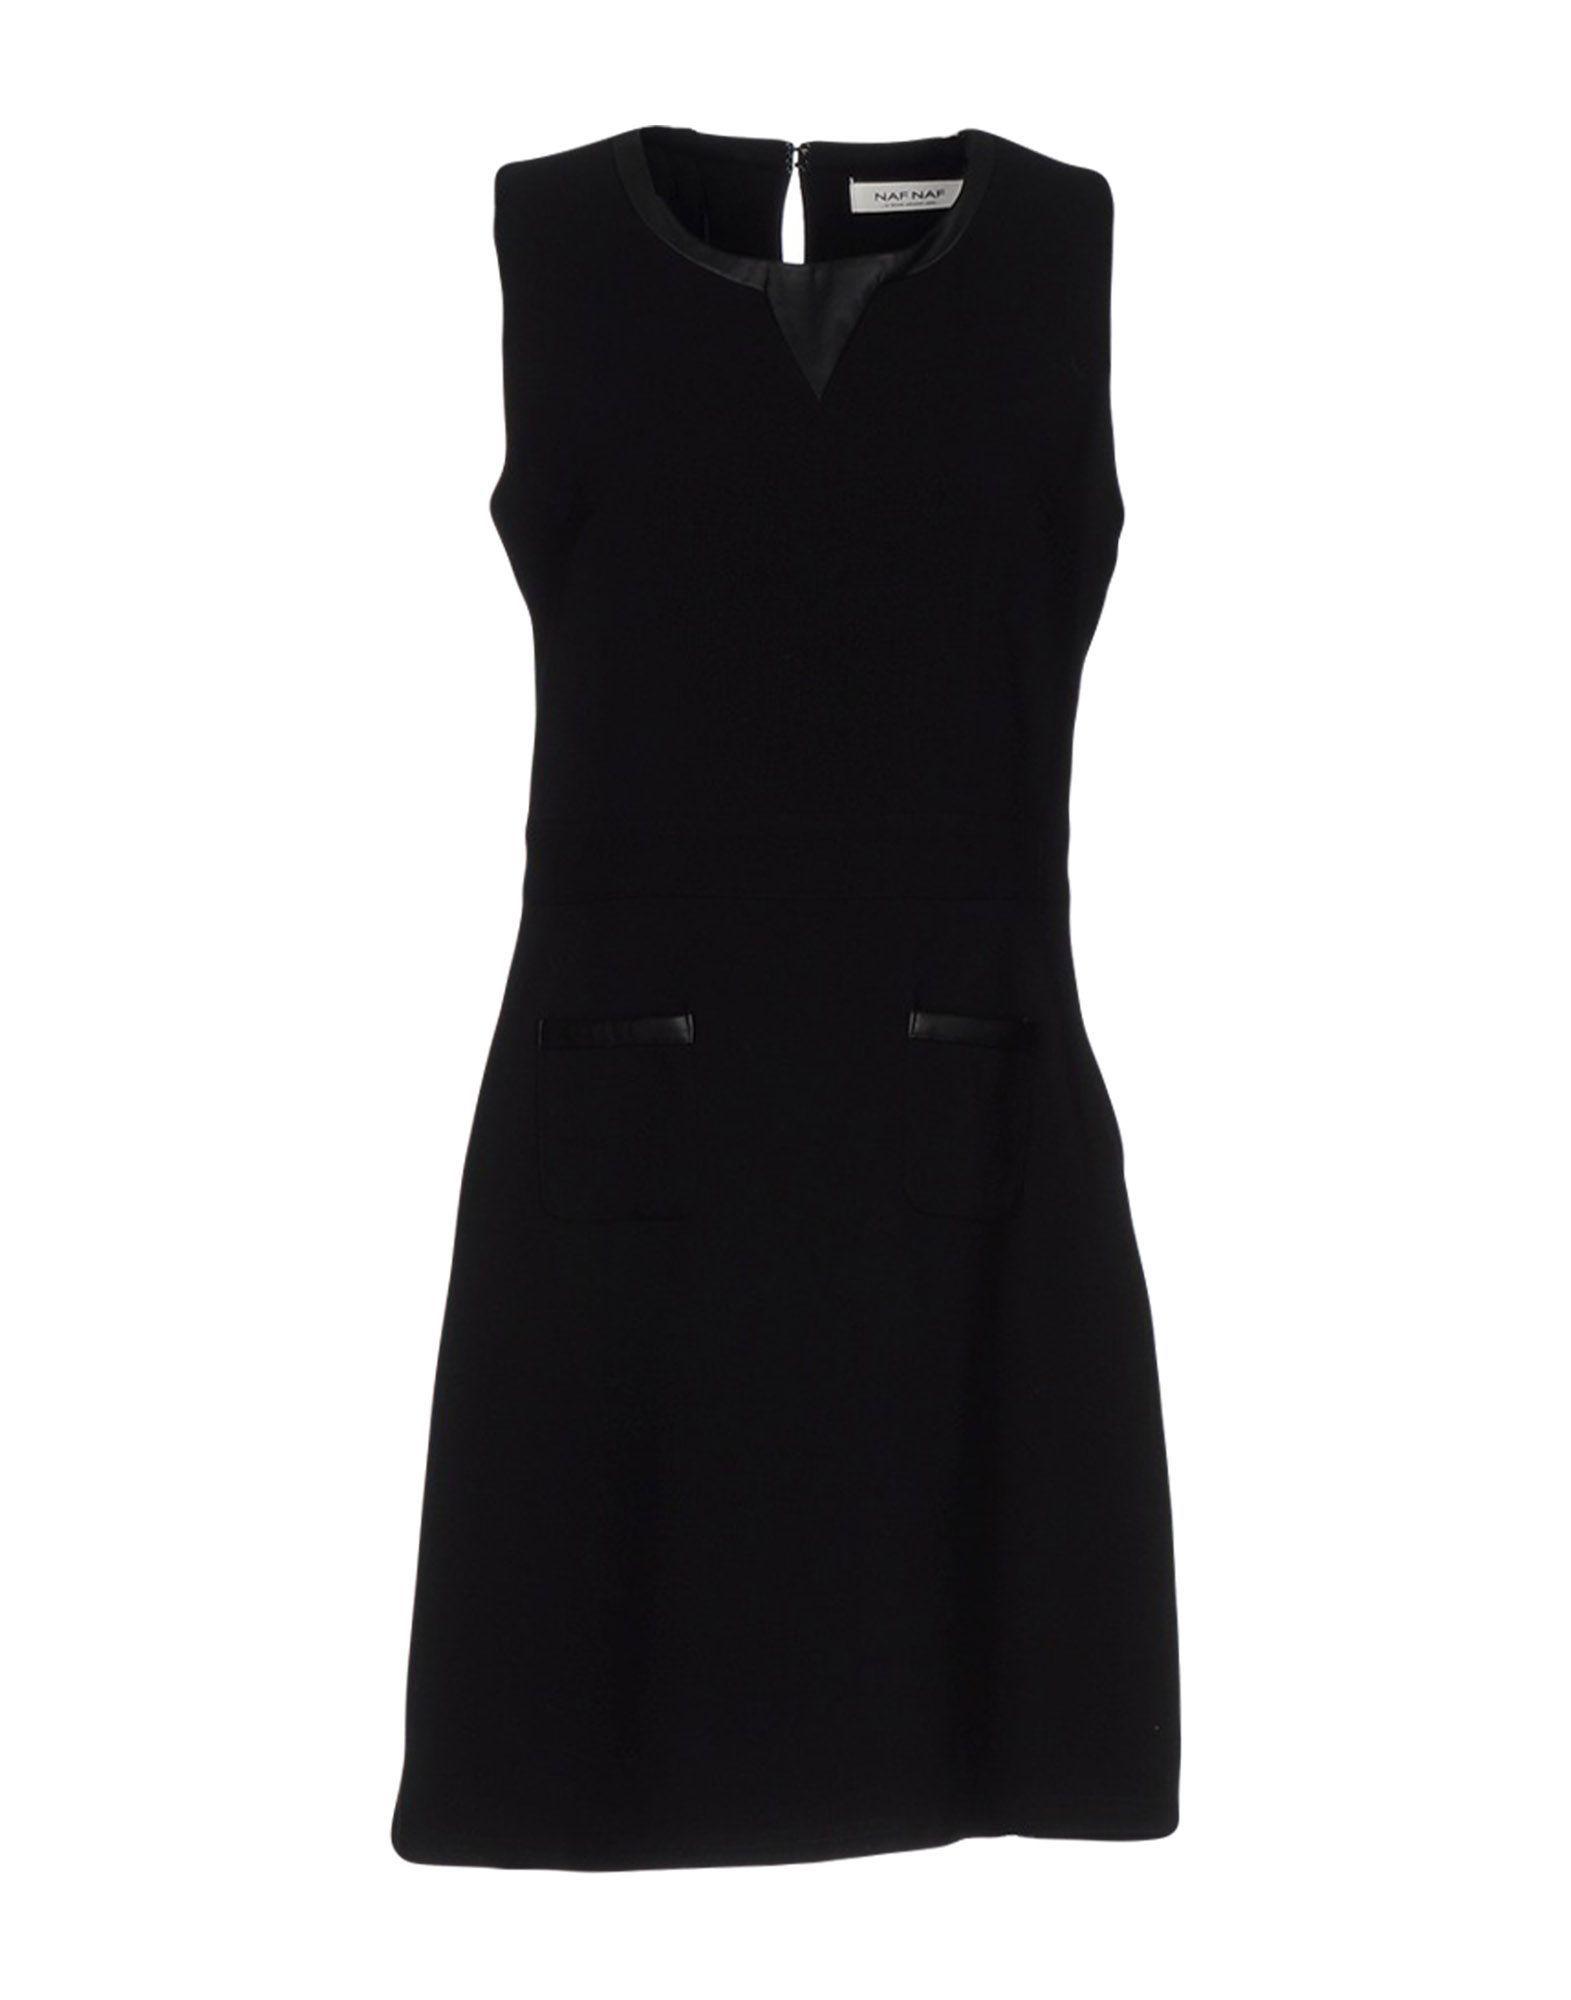 Dress Naf Naf Black Women's Polyester